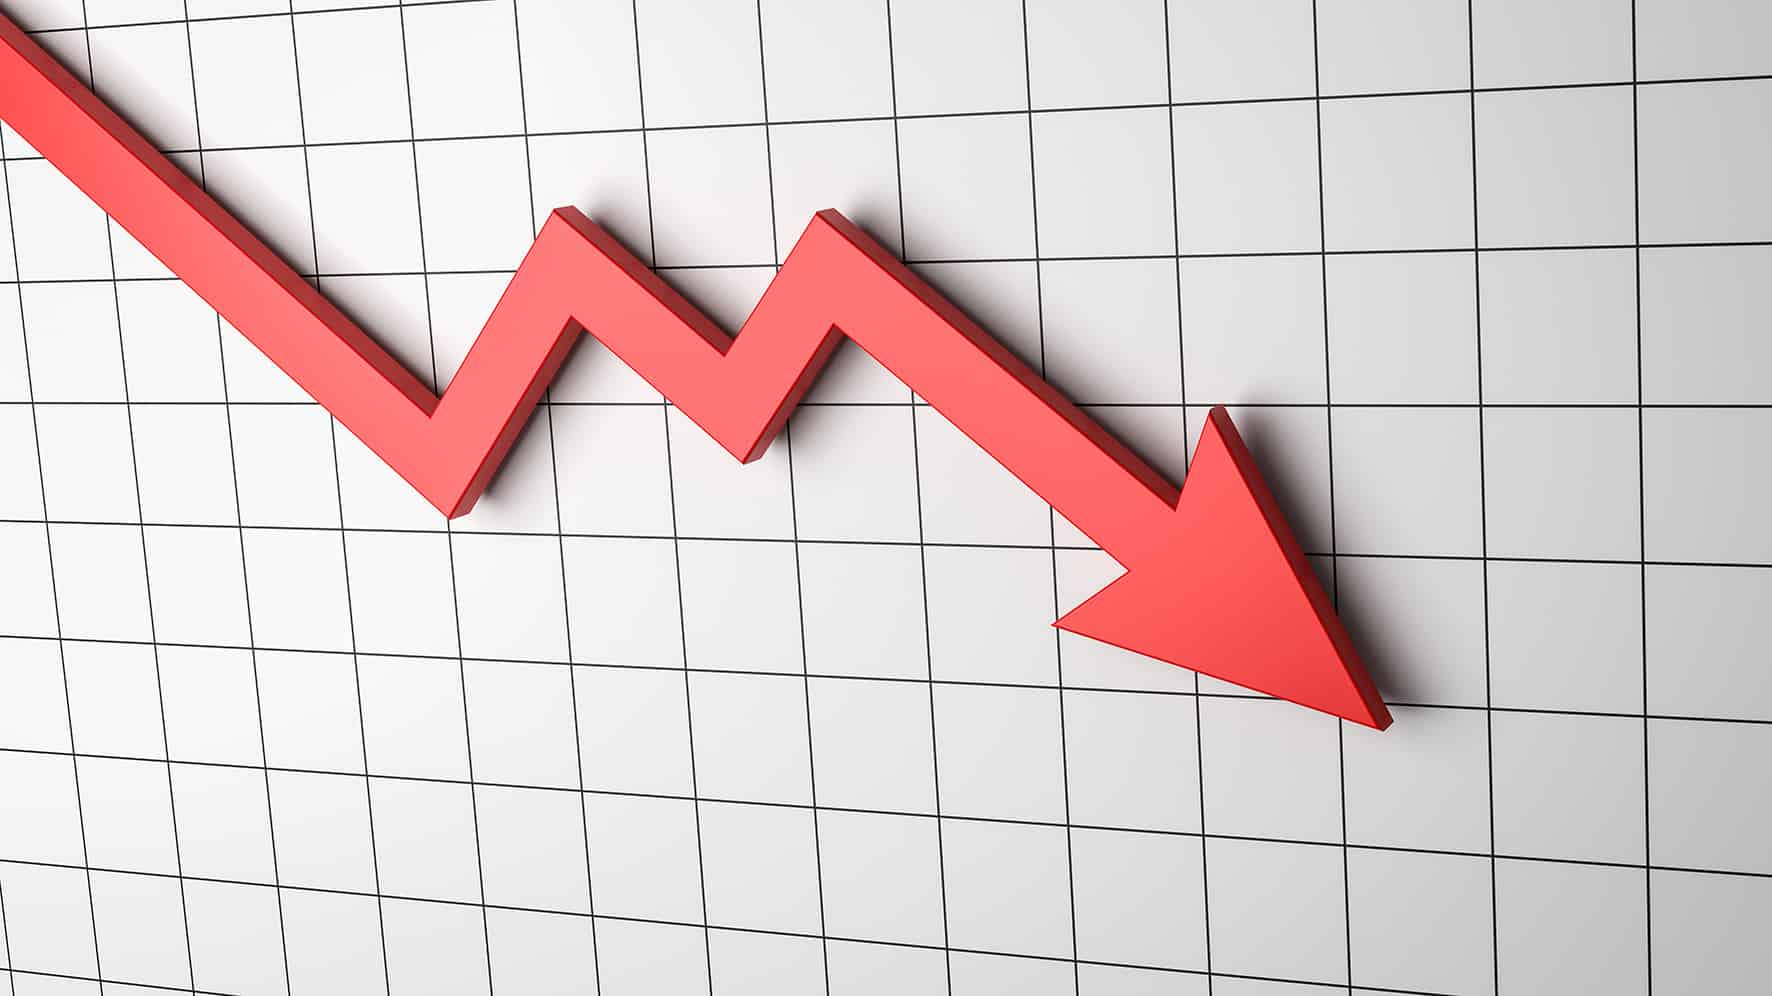 l'OPEP veut rassurer les marchés 19 octobre